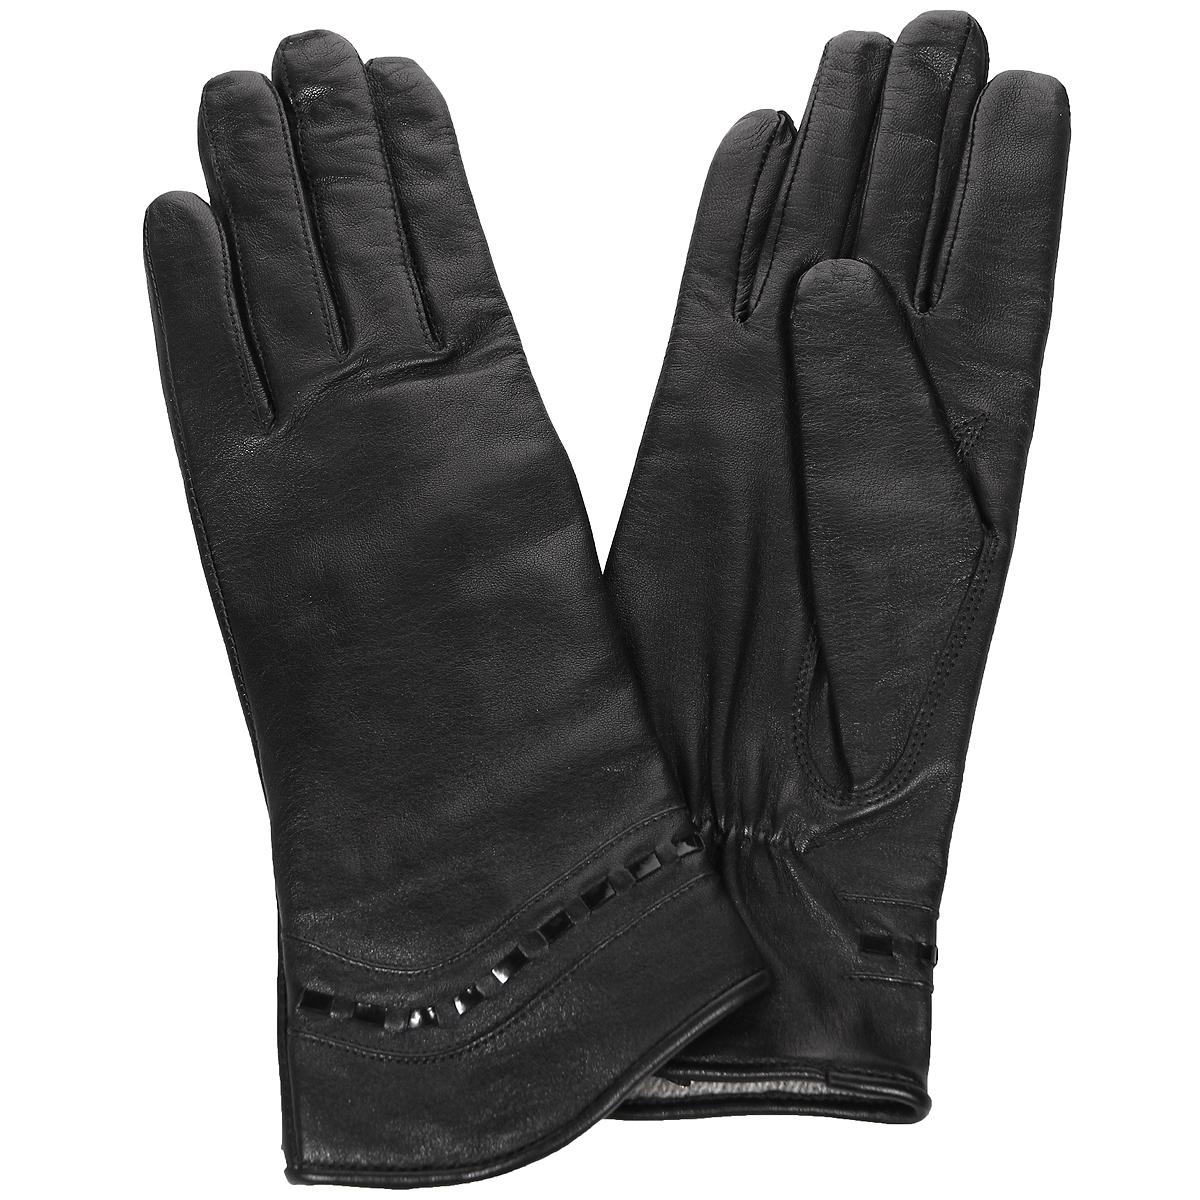 Перчатки женские Edmins, цвет: черный. Э-2L_490. Размер 7Э-2L_490Стильные женские перчатки Edmins не только защитят ваши руки от холода, но и станут великолепным украшением. Перчатки выполнены из натуральной кожи ягненка, подкладка - из шерсти. Манжеты оформлены отделкой из лаковой кожи. В настоящее время перчатки являются неотъемлемой принадлежностью одежды, вместе с этим аксессуаром вы обретаете женственность и элегантность. Перчатки станут завершающим и подчеркивающим элементом вашего стиля и неповторимости.